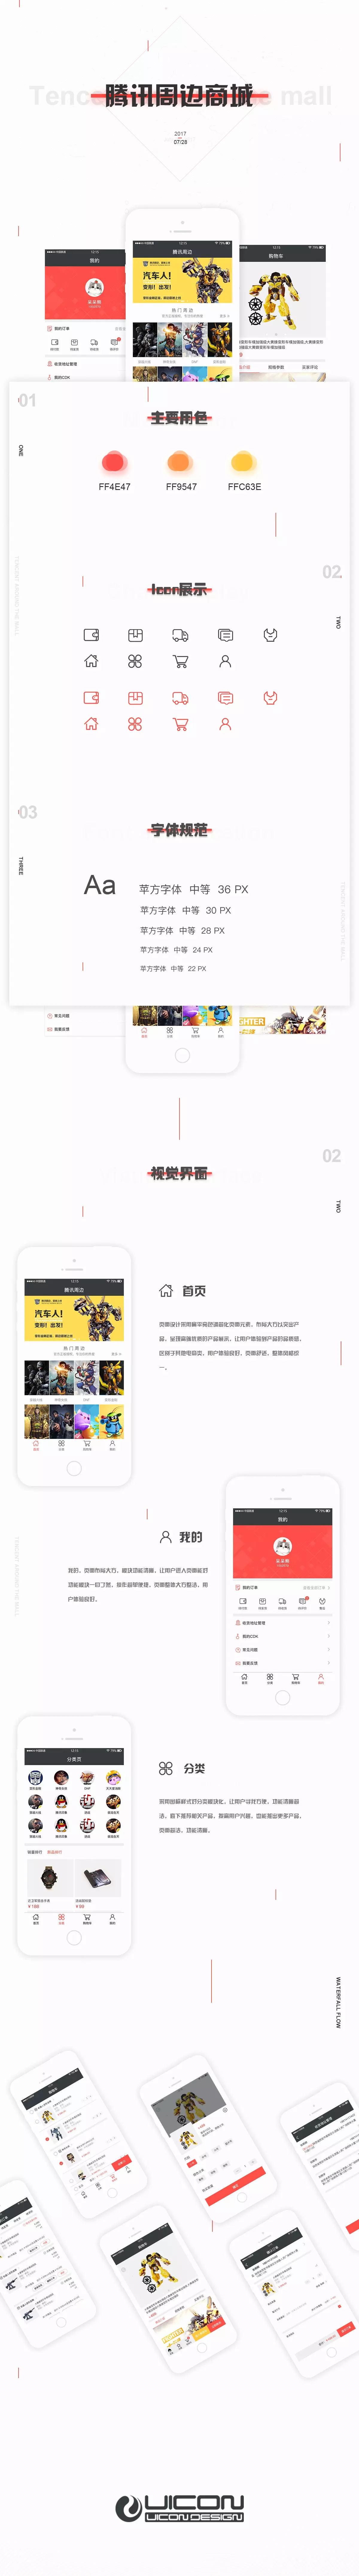 移动应用UI设计_UI设计APPUI手机uiH5界面微信定制小程序开发移动应用9